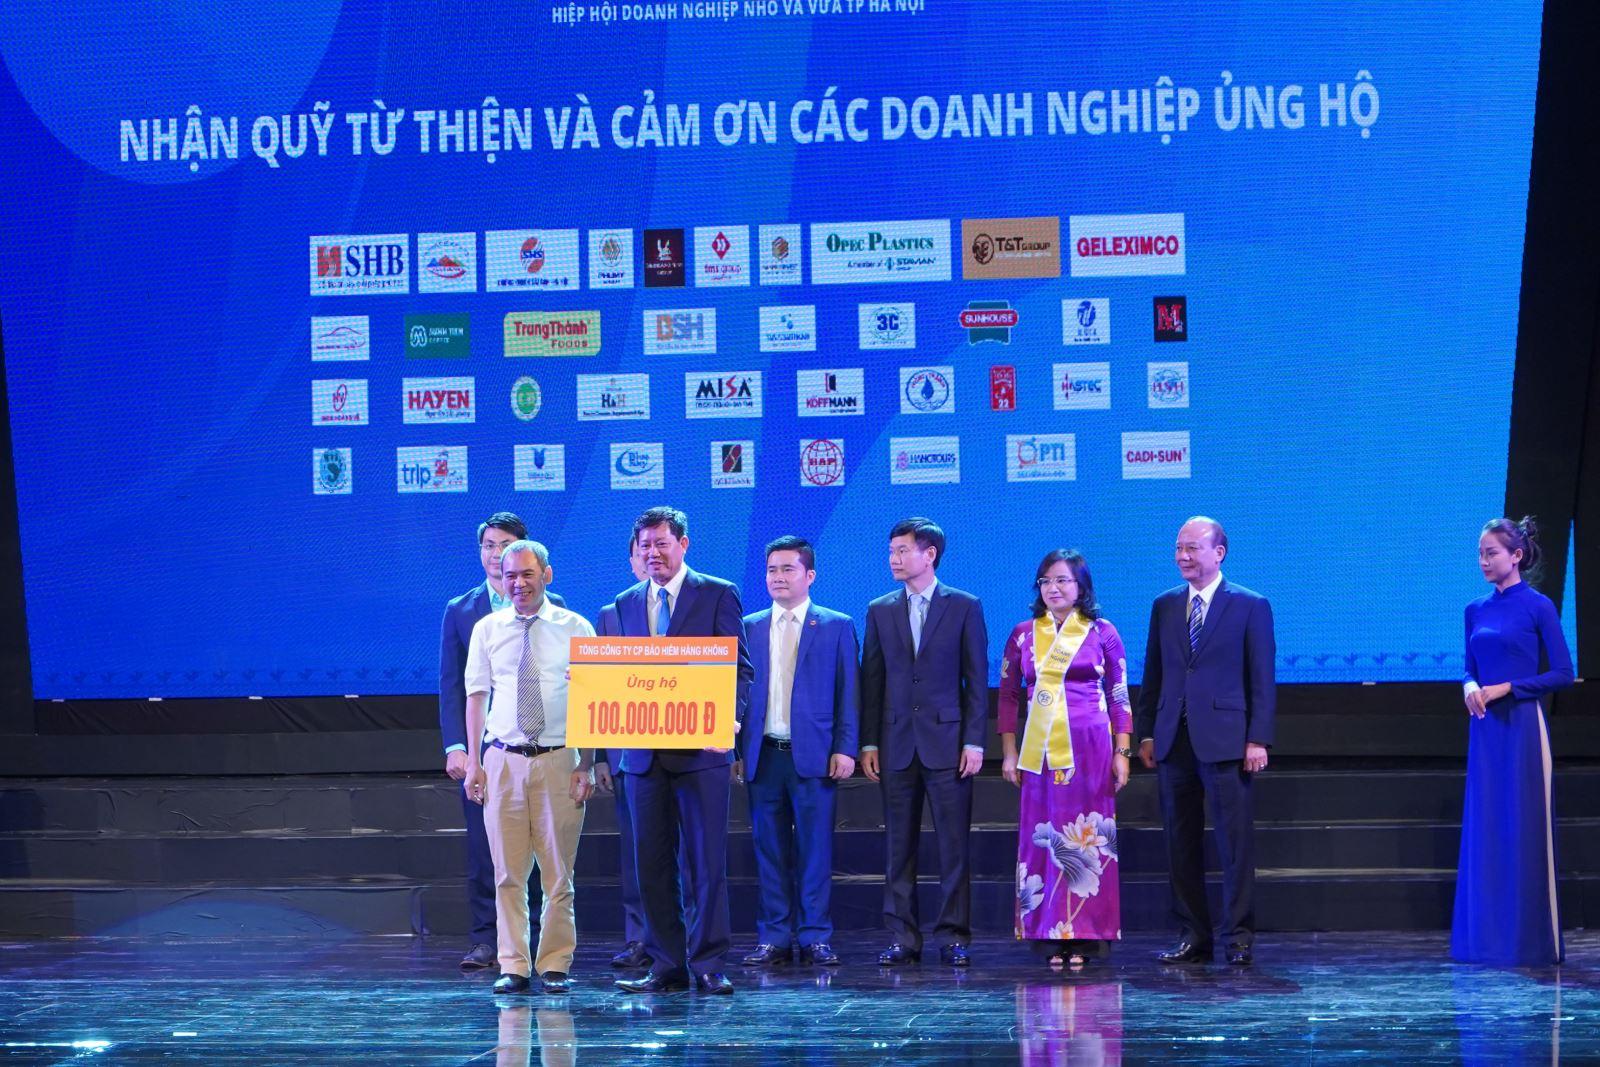 Bảo hiểm Hàng không (VNI) ủng hộ 100 triệu đồng quỹ bảo trợ trẻ em TP Hà Nội